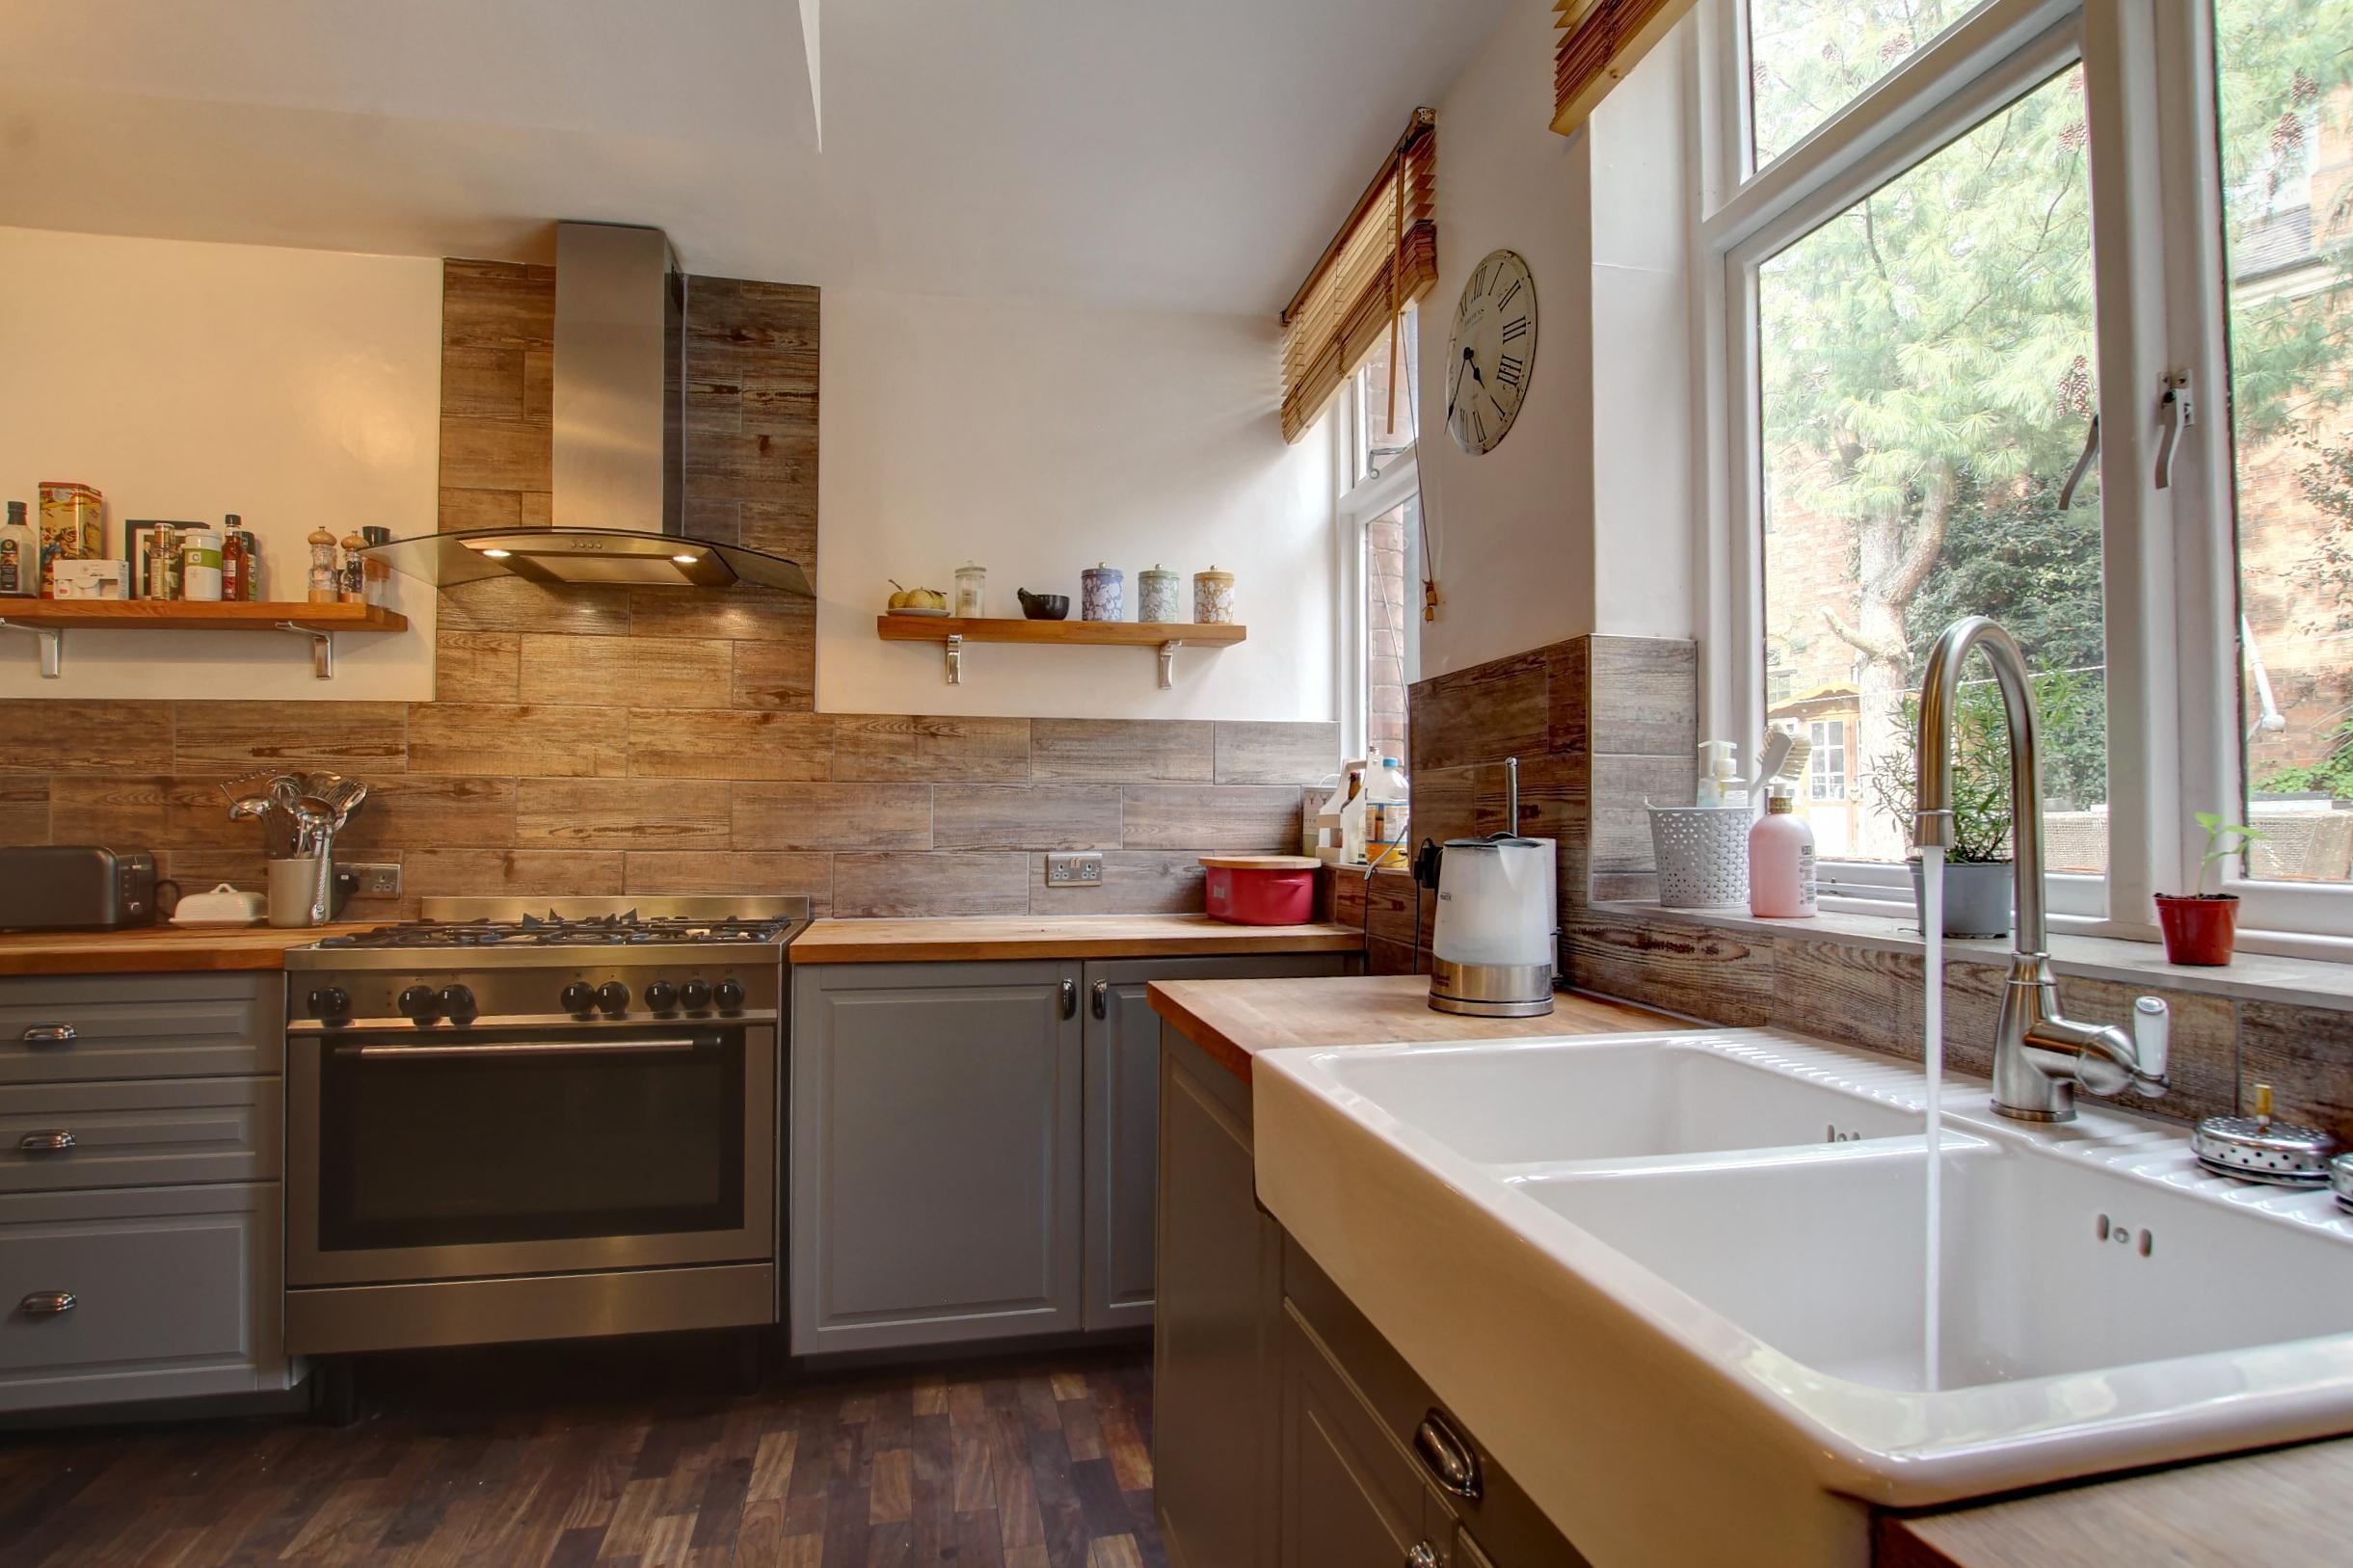 8 kitchen lifestyle.jpg